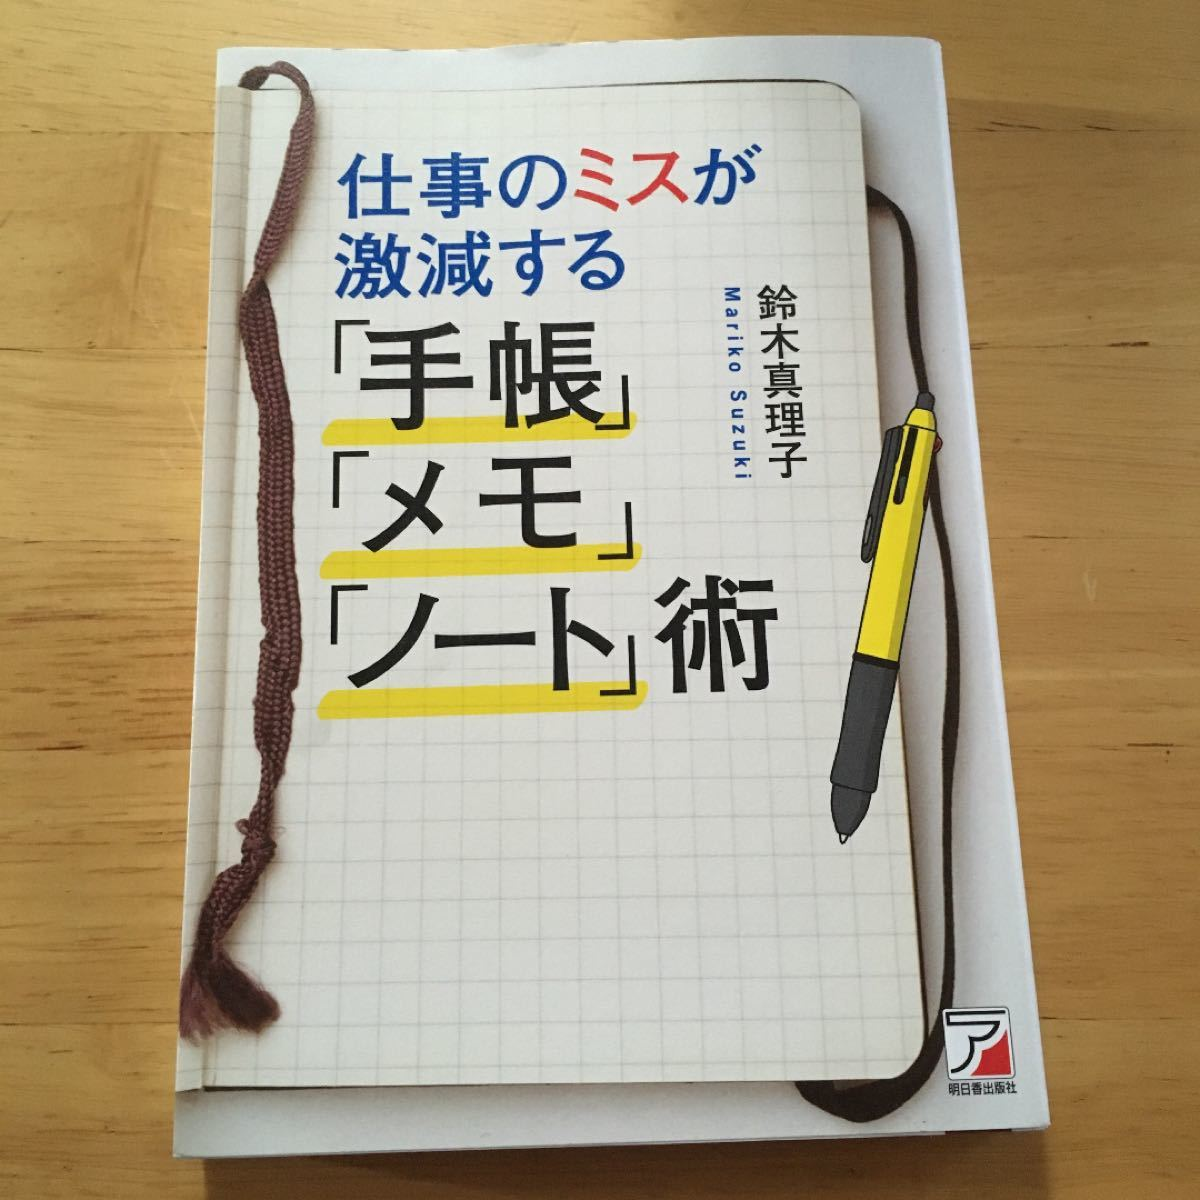 仕事のミスが激減する「手帳」「メモ」「ノート」術